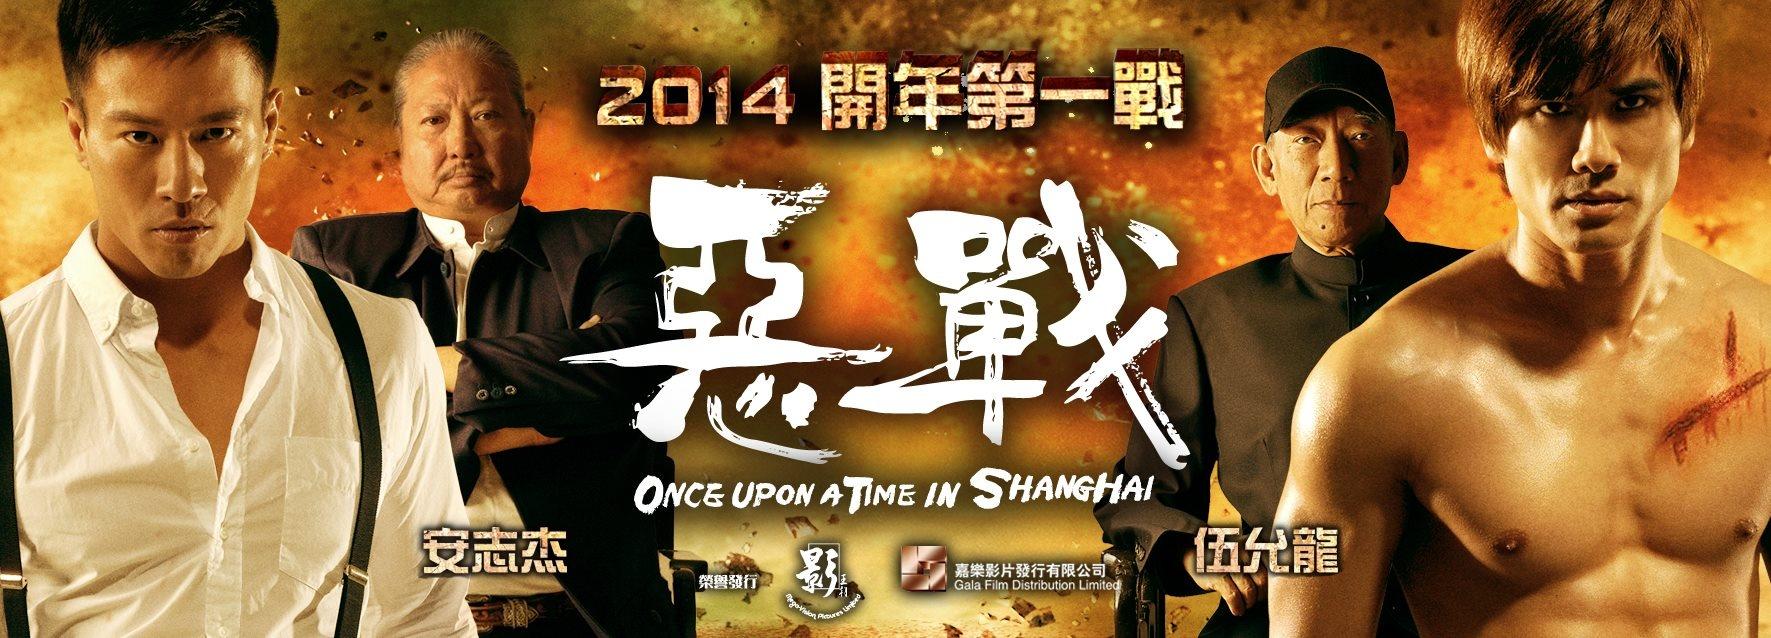 E zhan (2014)